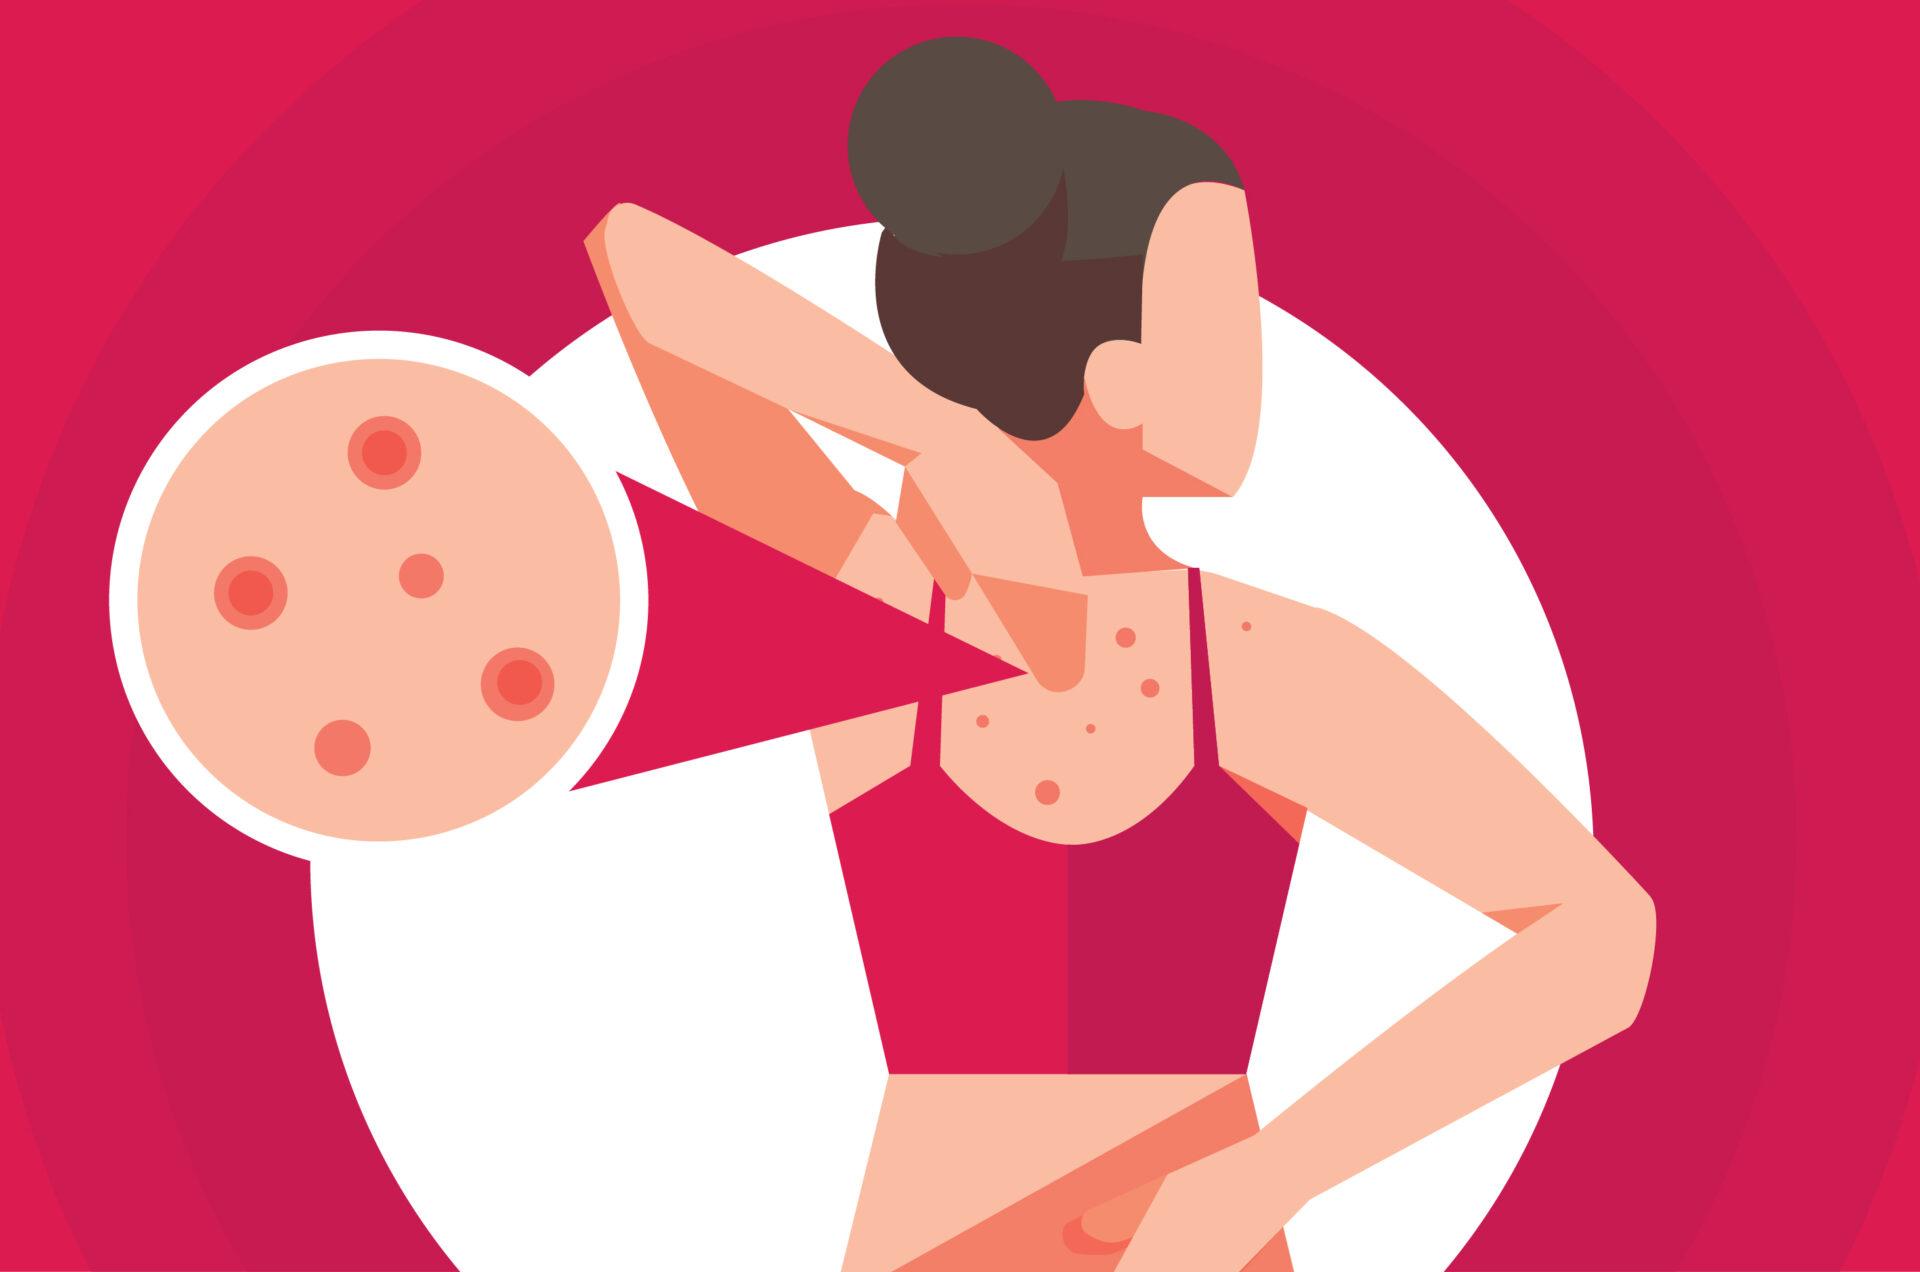 Ini 4 Penyebab Munculnya Jerawat di Badan